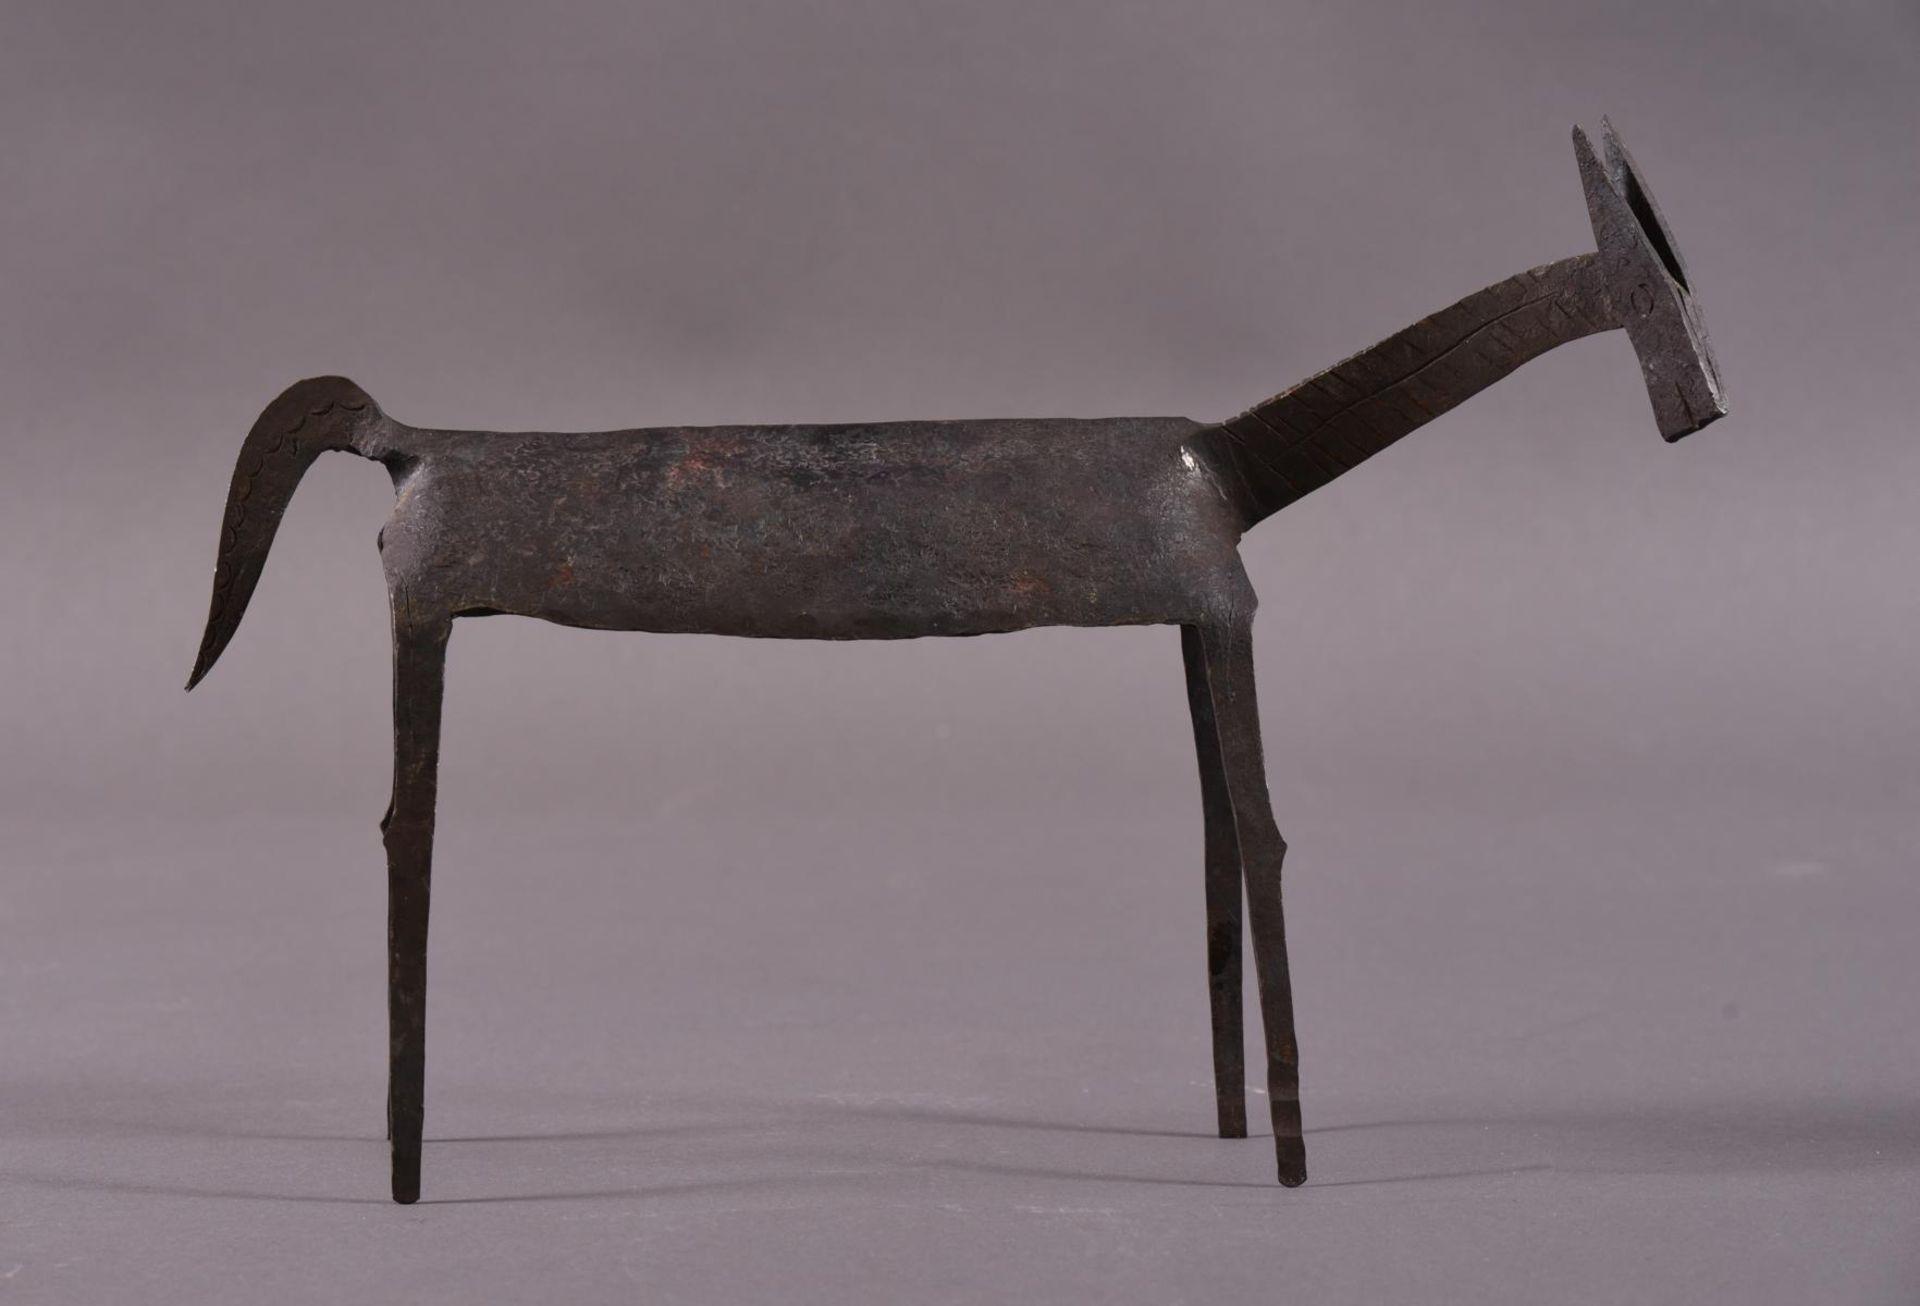 Eisenskulptur in Form einer Gazelle, unbekannter Künstler des 20. JahrhundertCa. 24,5 x 8 x 35 cm.